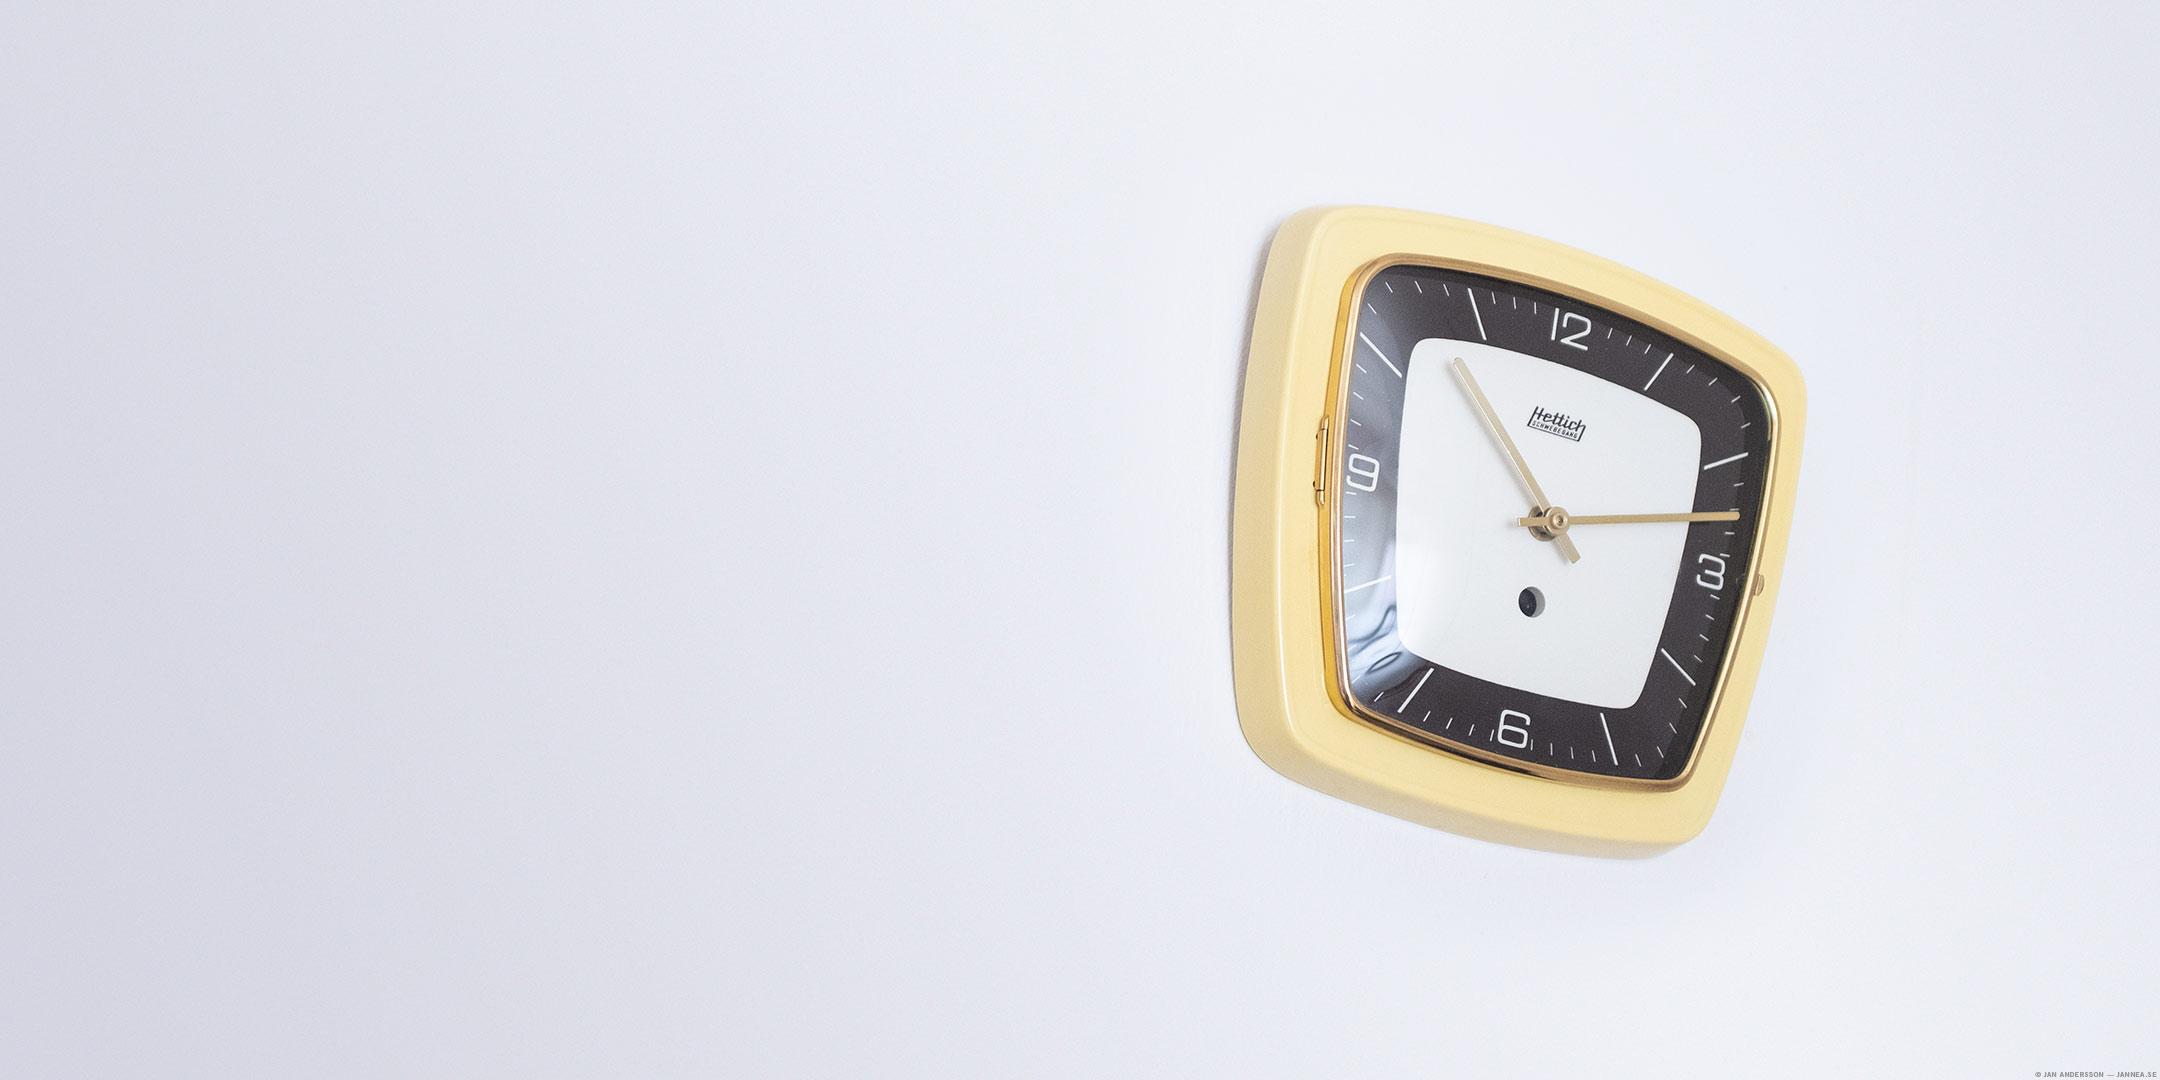 Klockomställningen till sommartid stör mig | © Jan Andersson